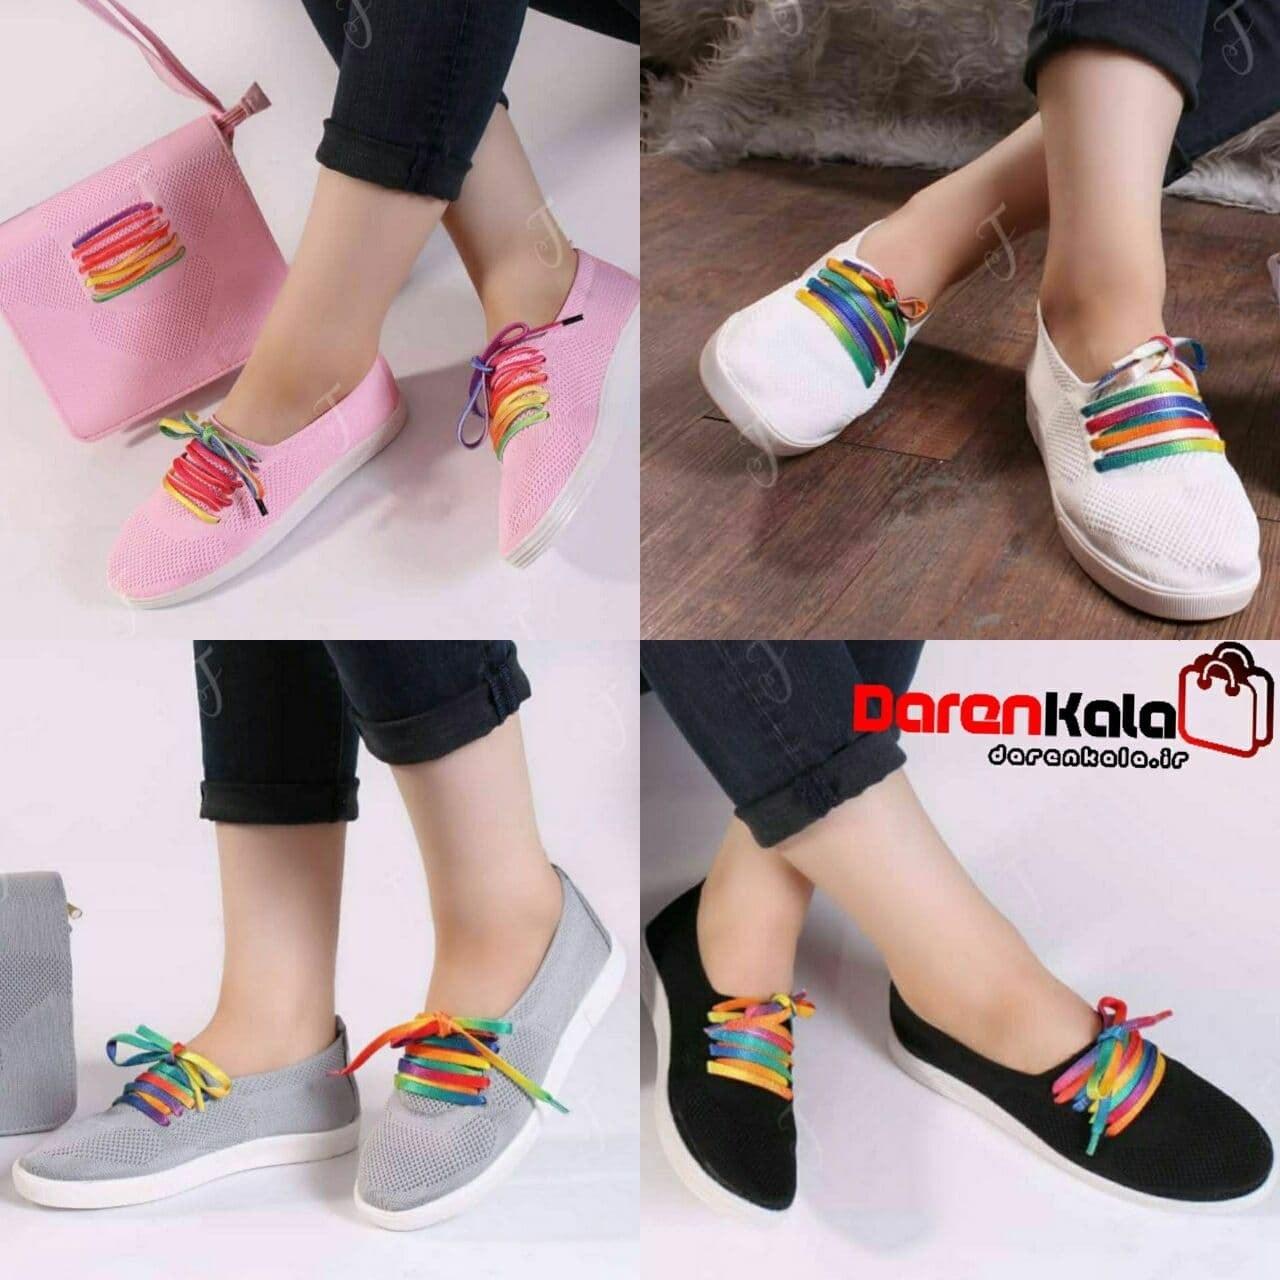 تصویر کفش کتانی بافتی زنانه دخترانهds00231